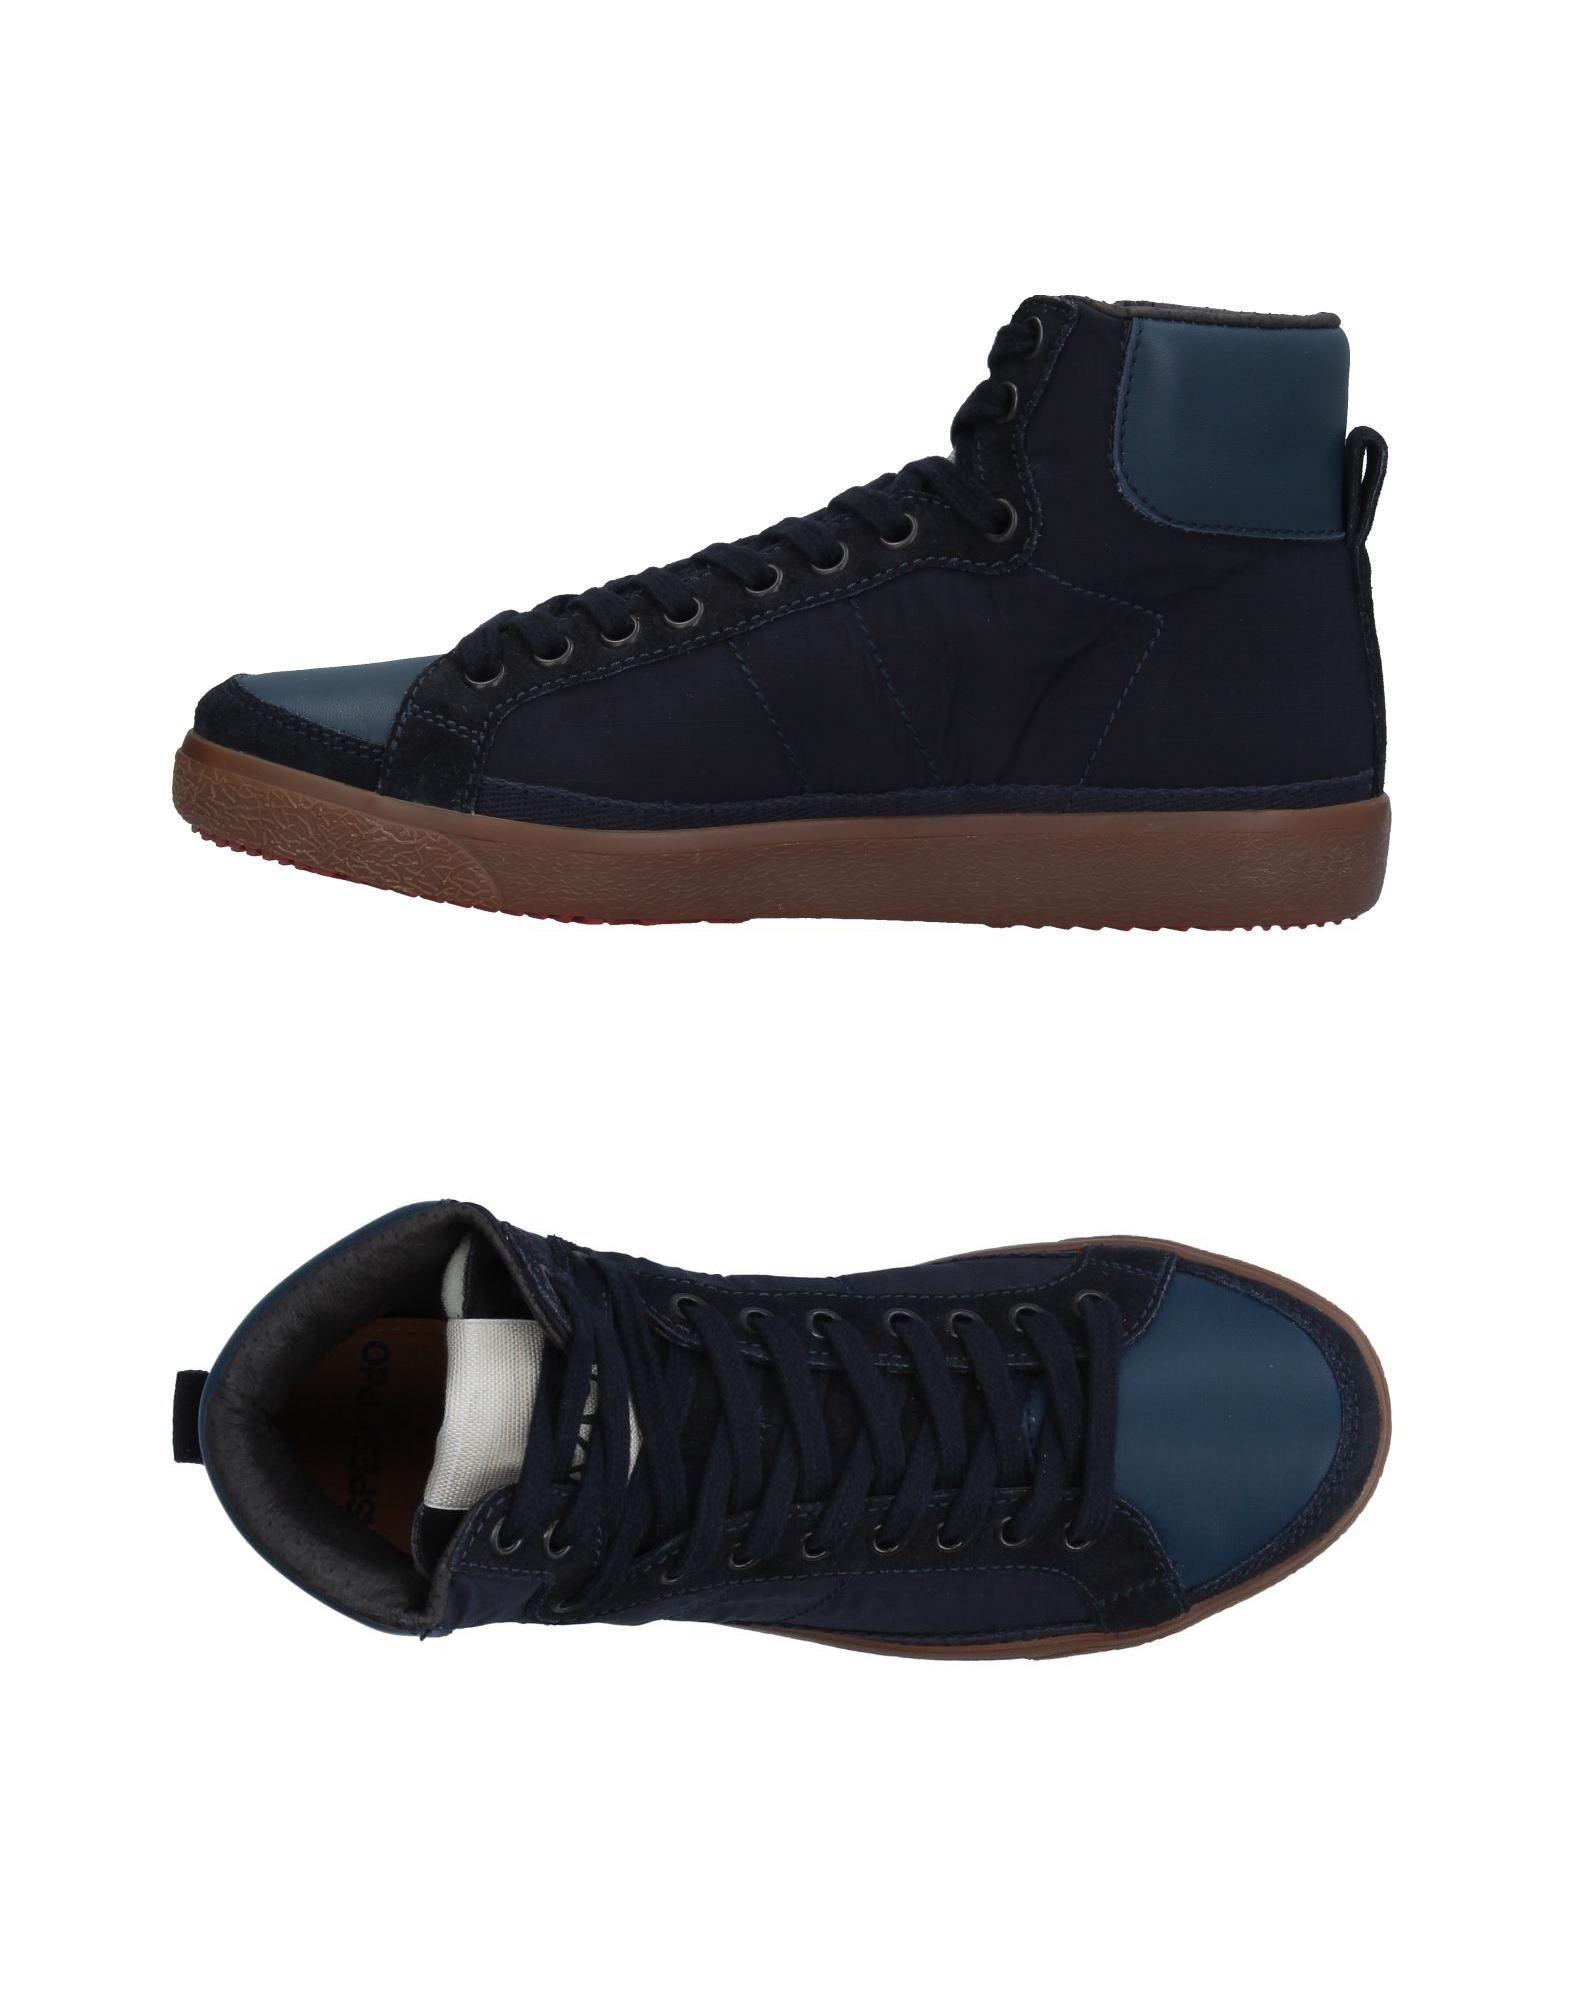 Aspesi_Pdo Sneakers Damen  11307019JH Gute Qualität beliebte Schuhe